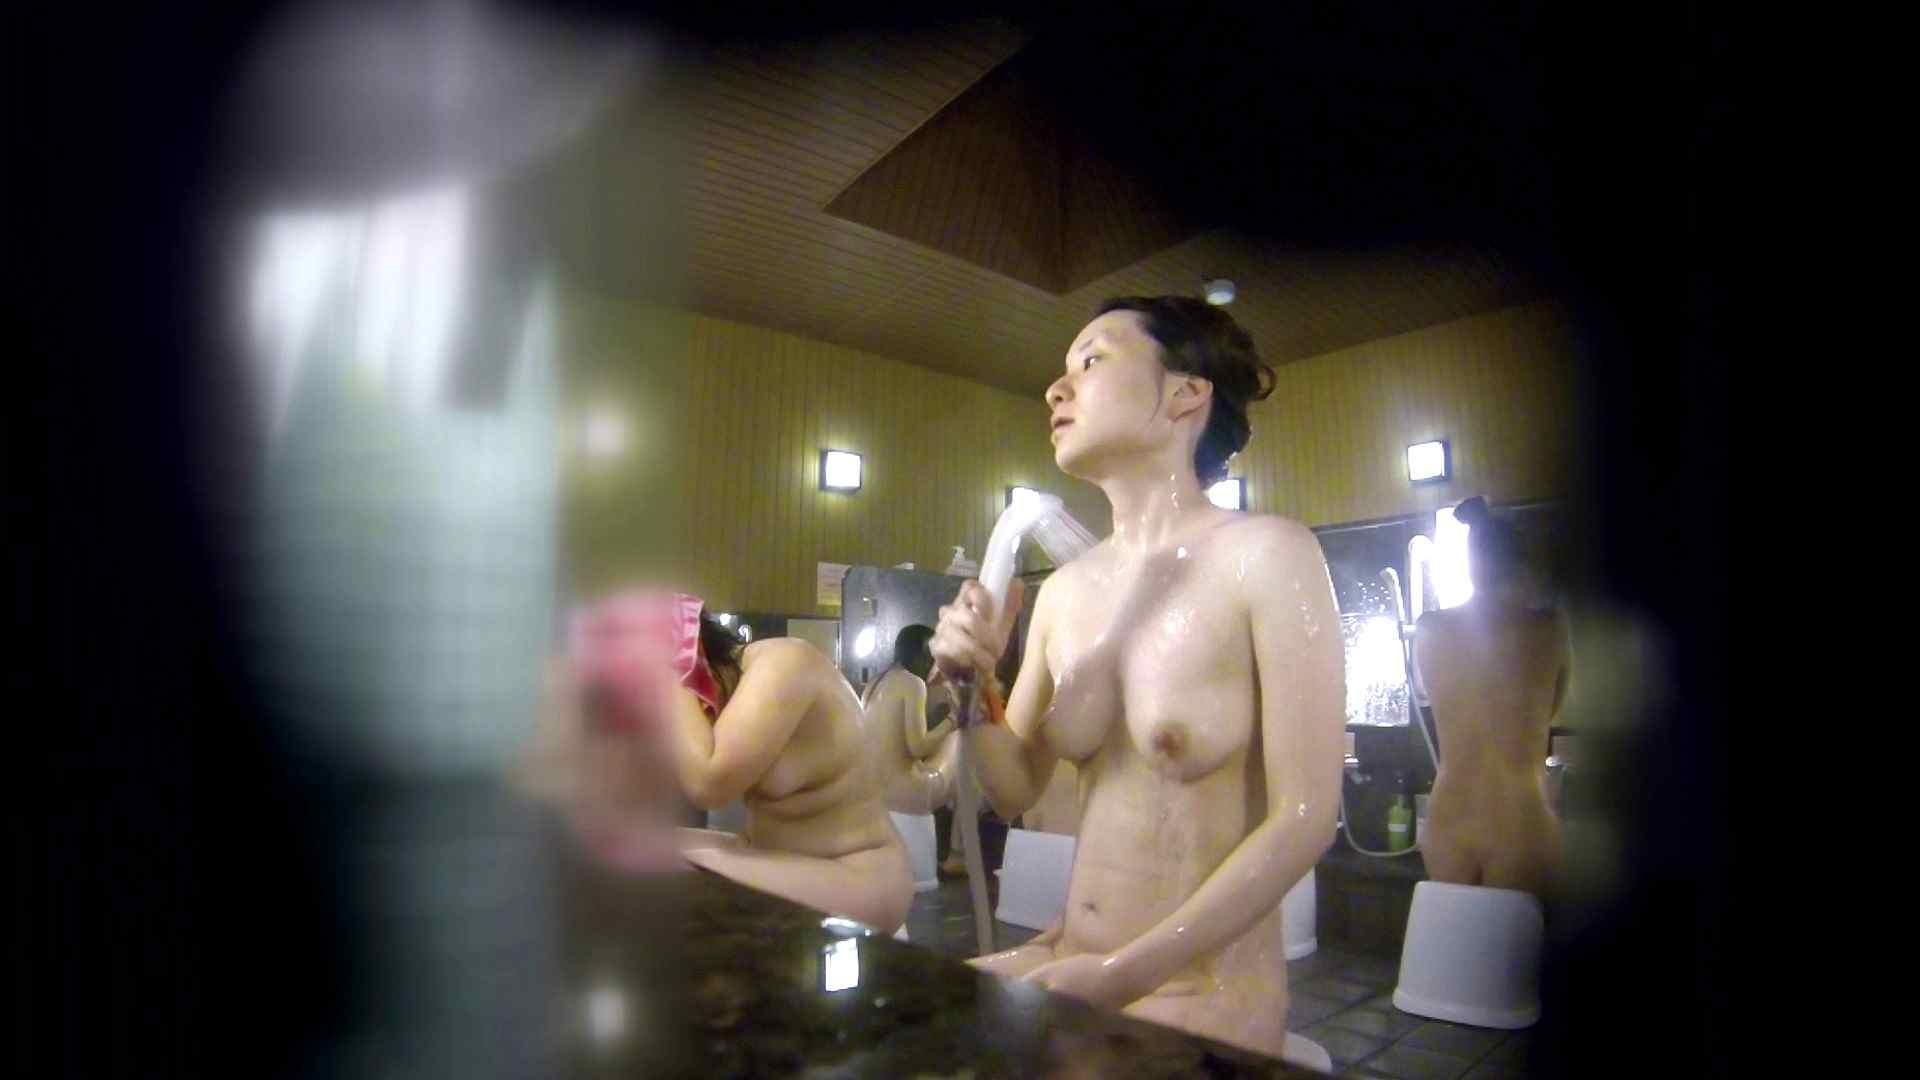 洗い場!アソコの毛辺の手入れで妄想が膨らみました。 潜入  109pic 24